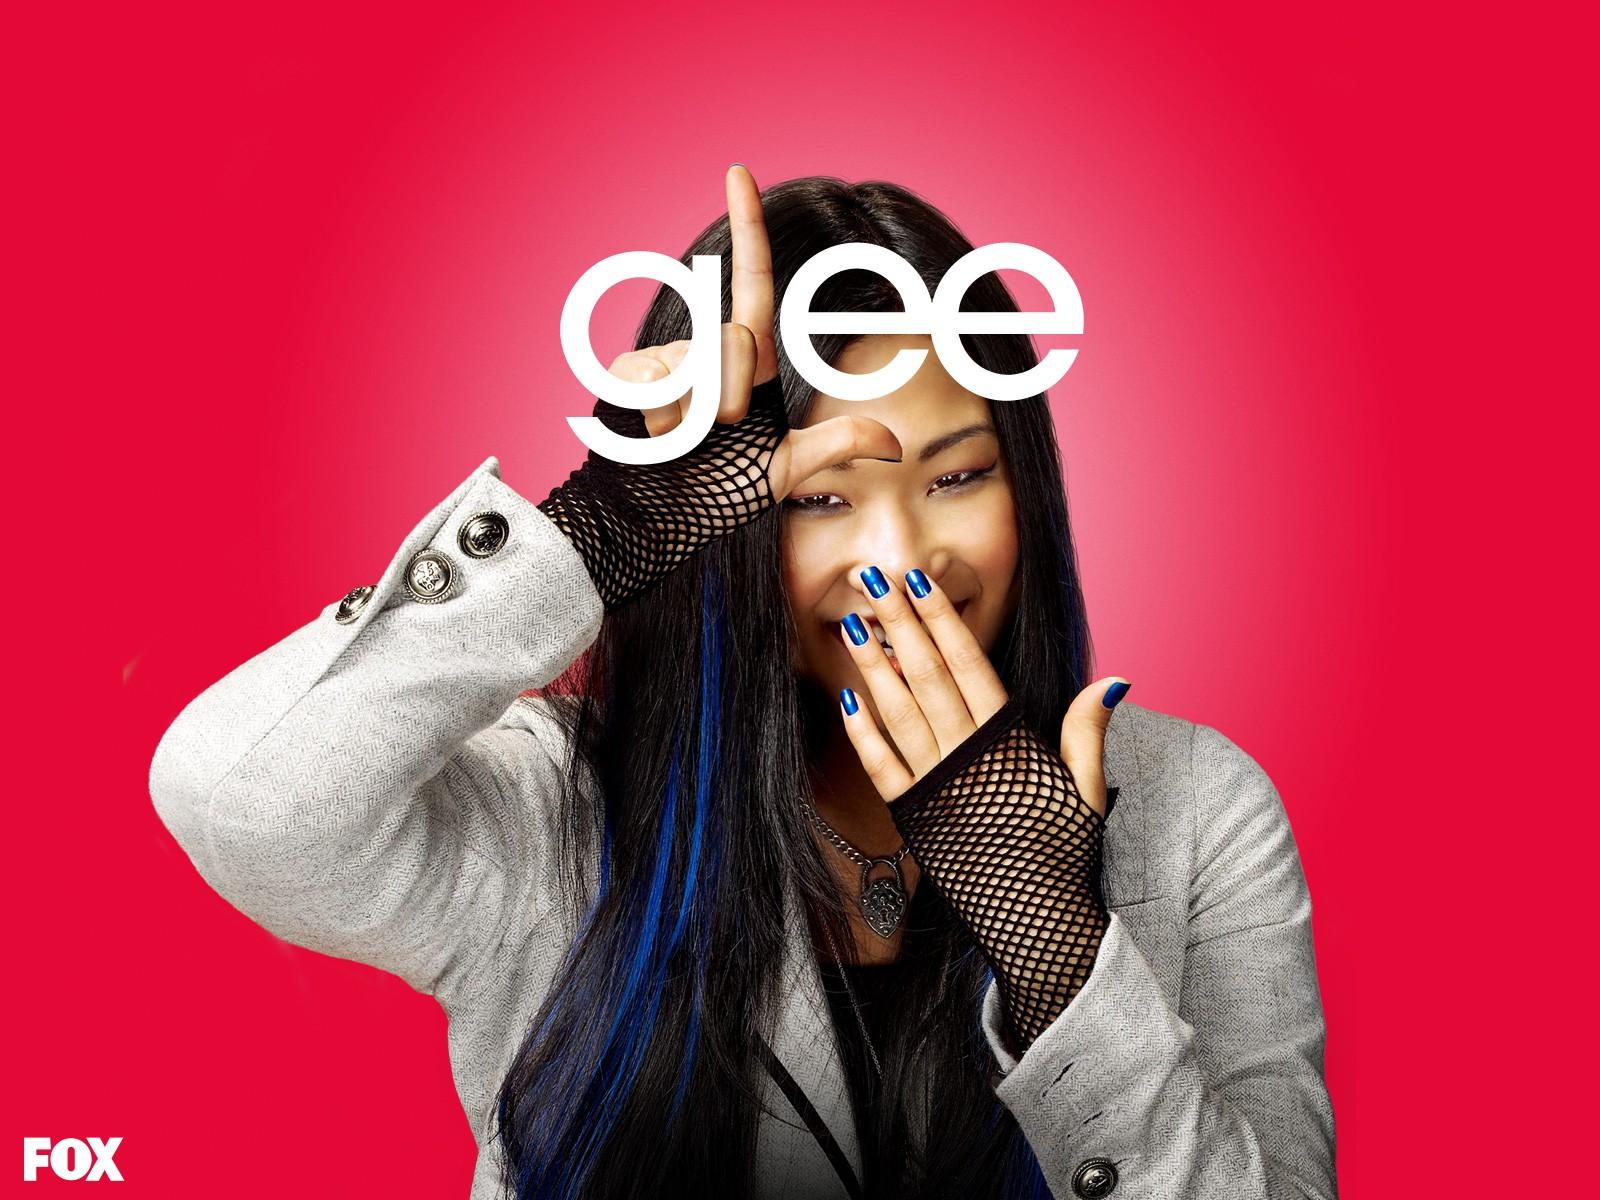 Un wallpaper di Jenna Ushkowitz per la prima stagione di Glee